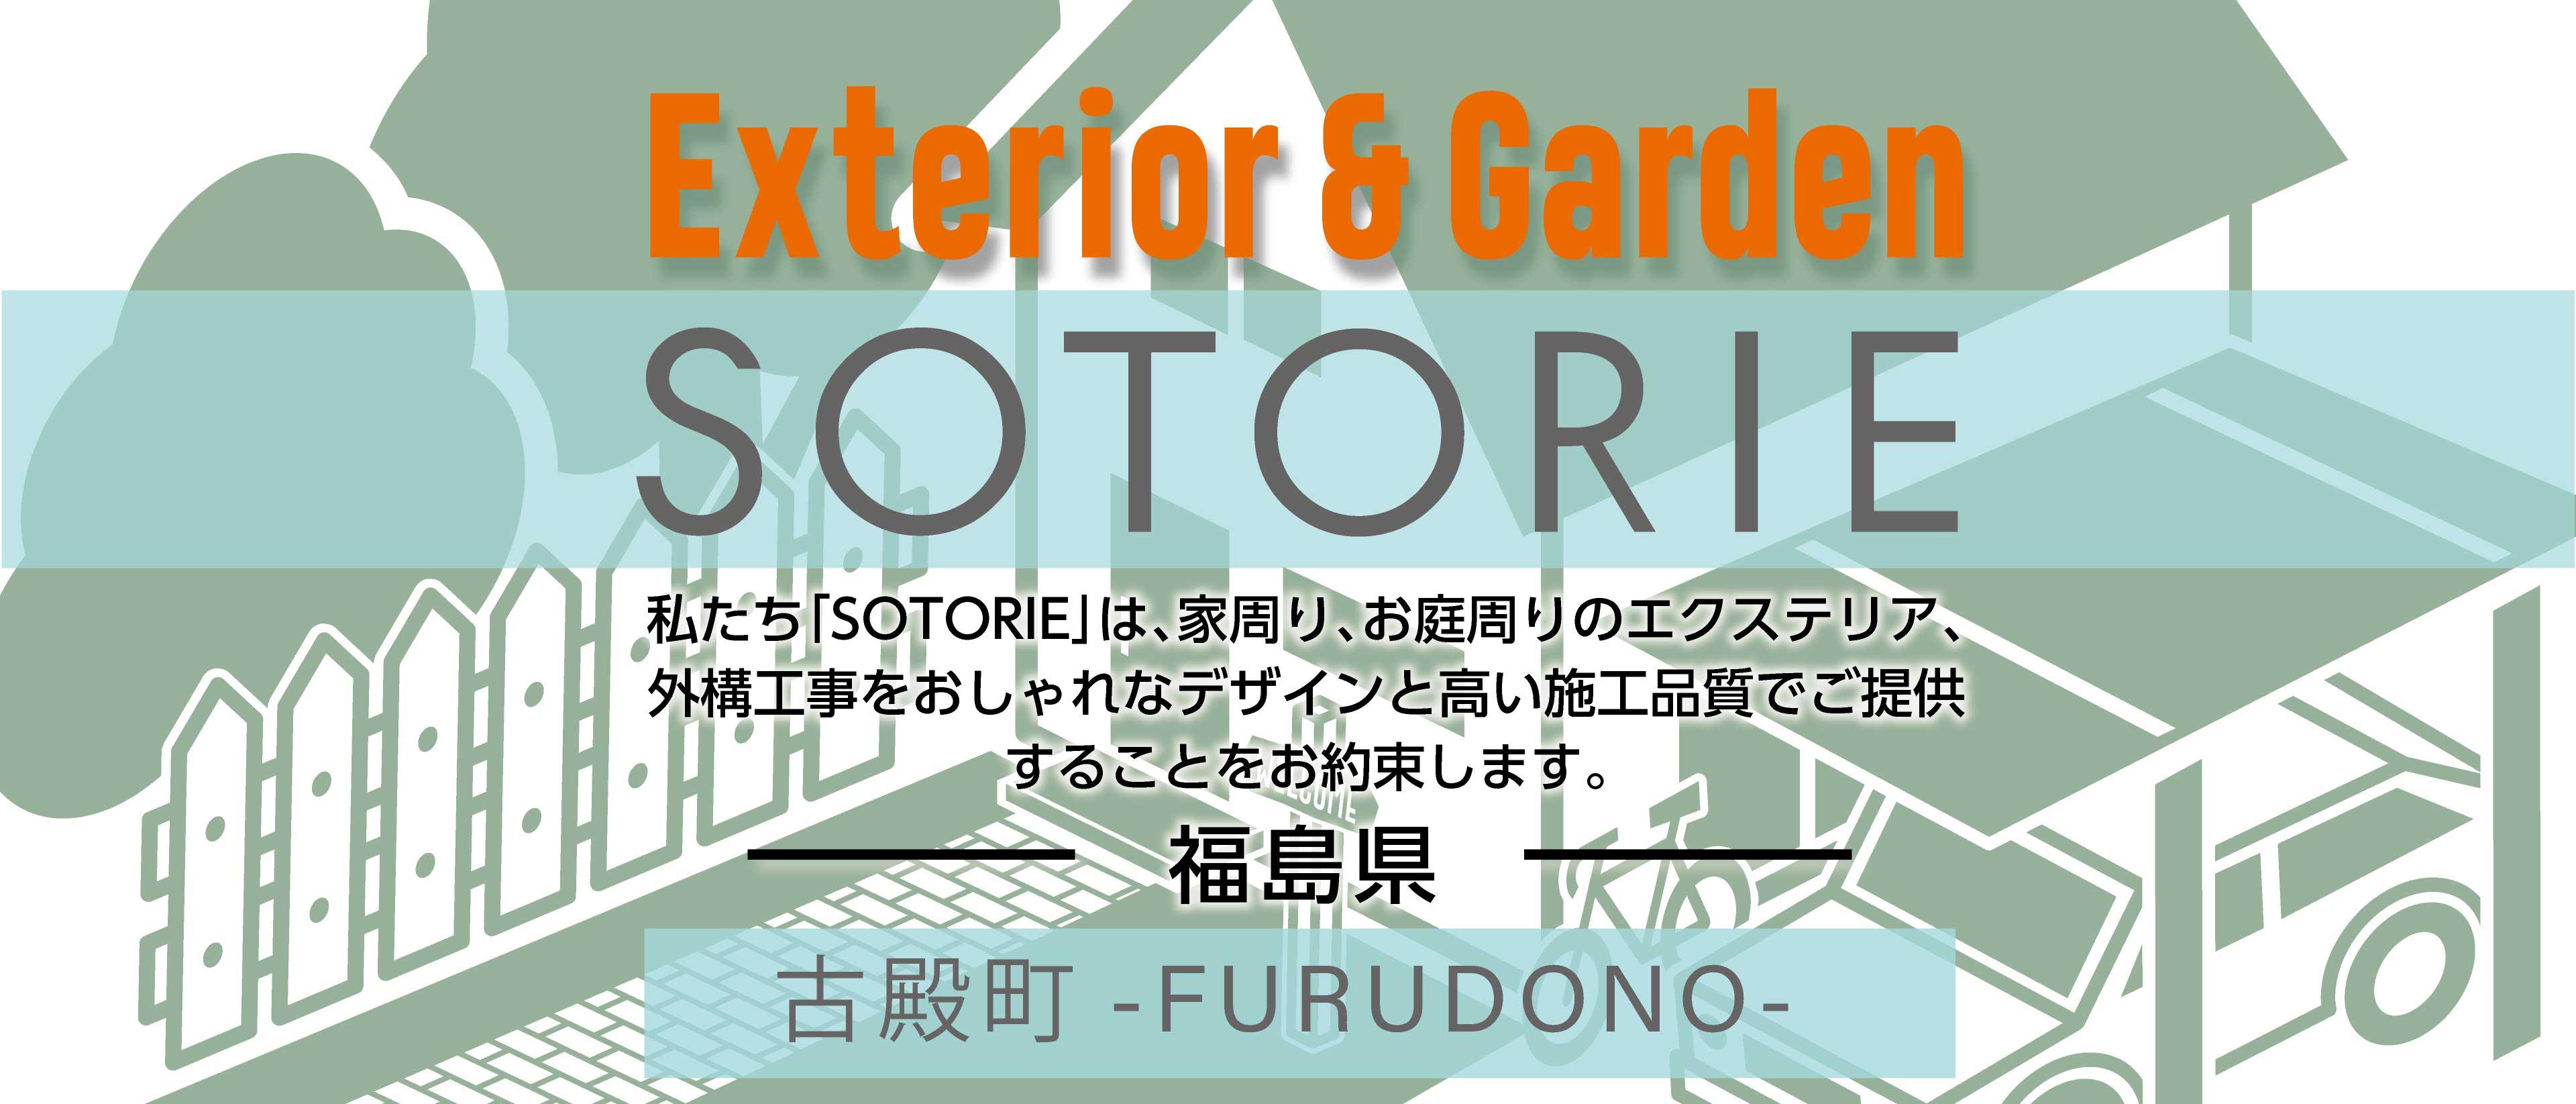 ソトリエ古殿町では、家周りと庭周りの外構、エクステリア工事をおしゃれなデザインと高い施工品質でご提供することをお約束します。